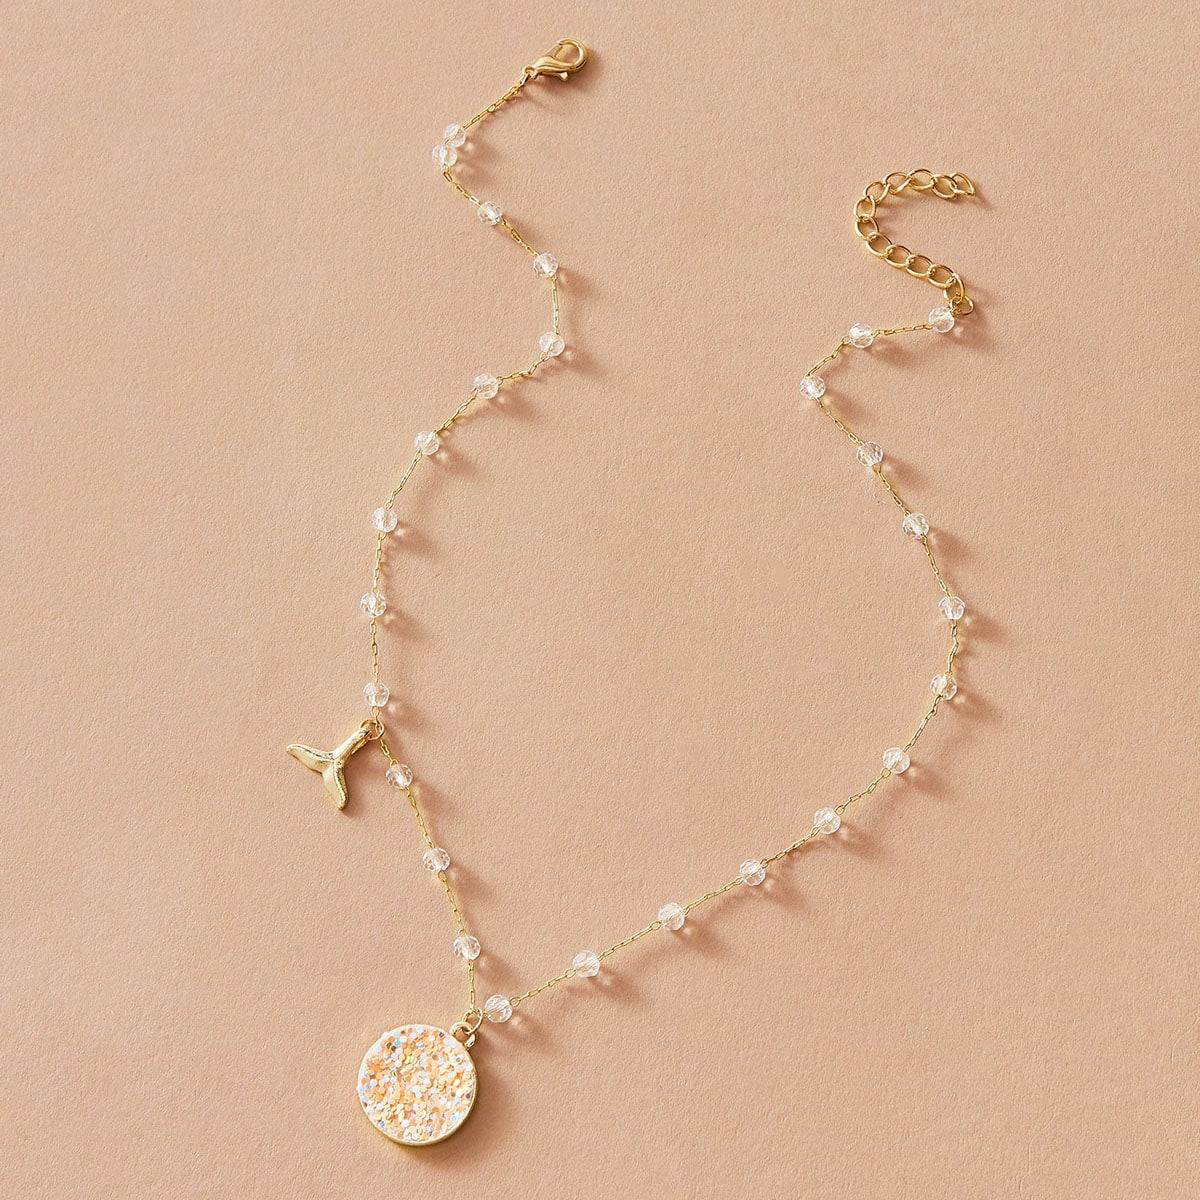 Halskette mit Fischschwanz Anhänger und Pailletten Dekor 1 Stück